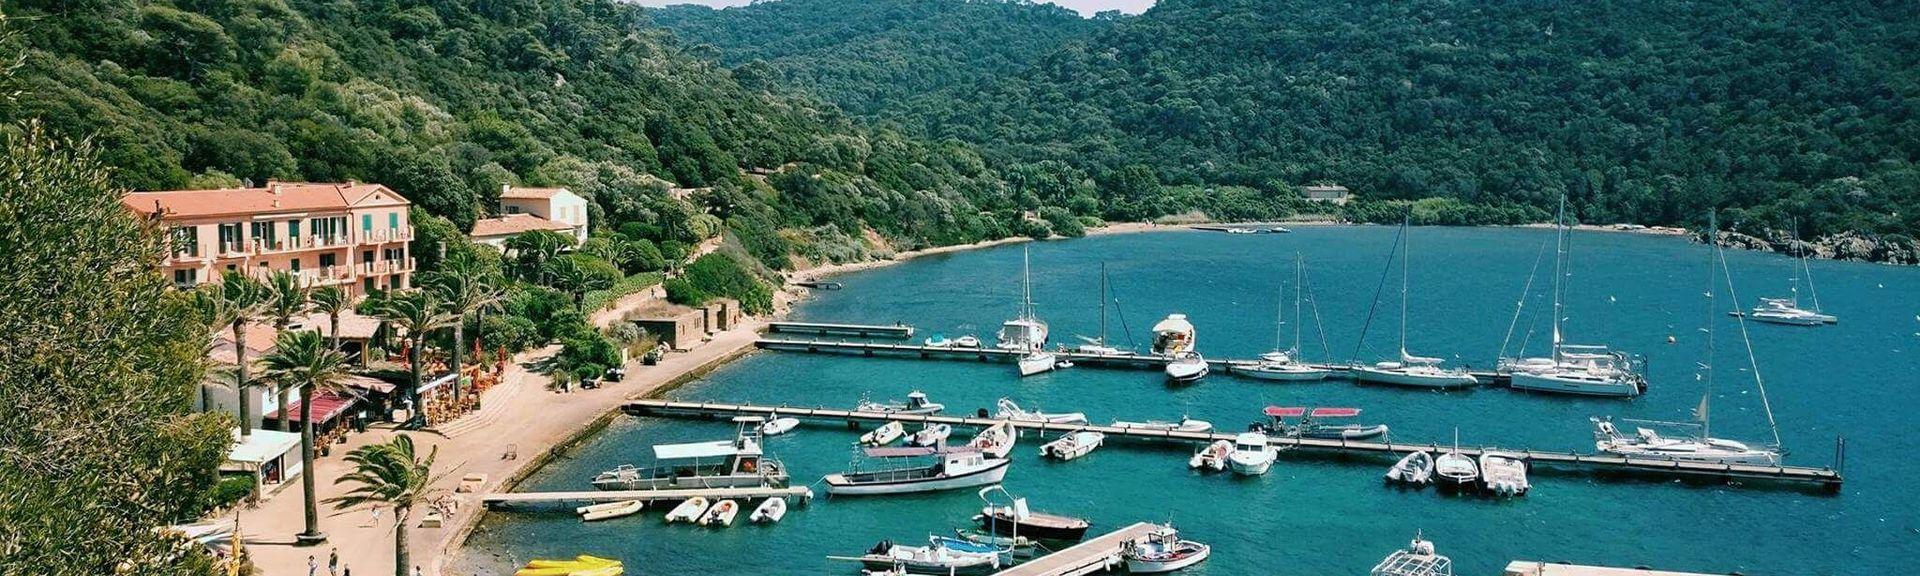 Port-Cros, Prowansja-Alpy-Lazurowe Wybrzeże, Francja